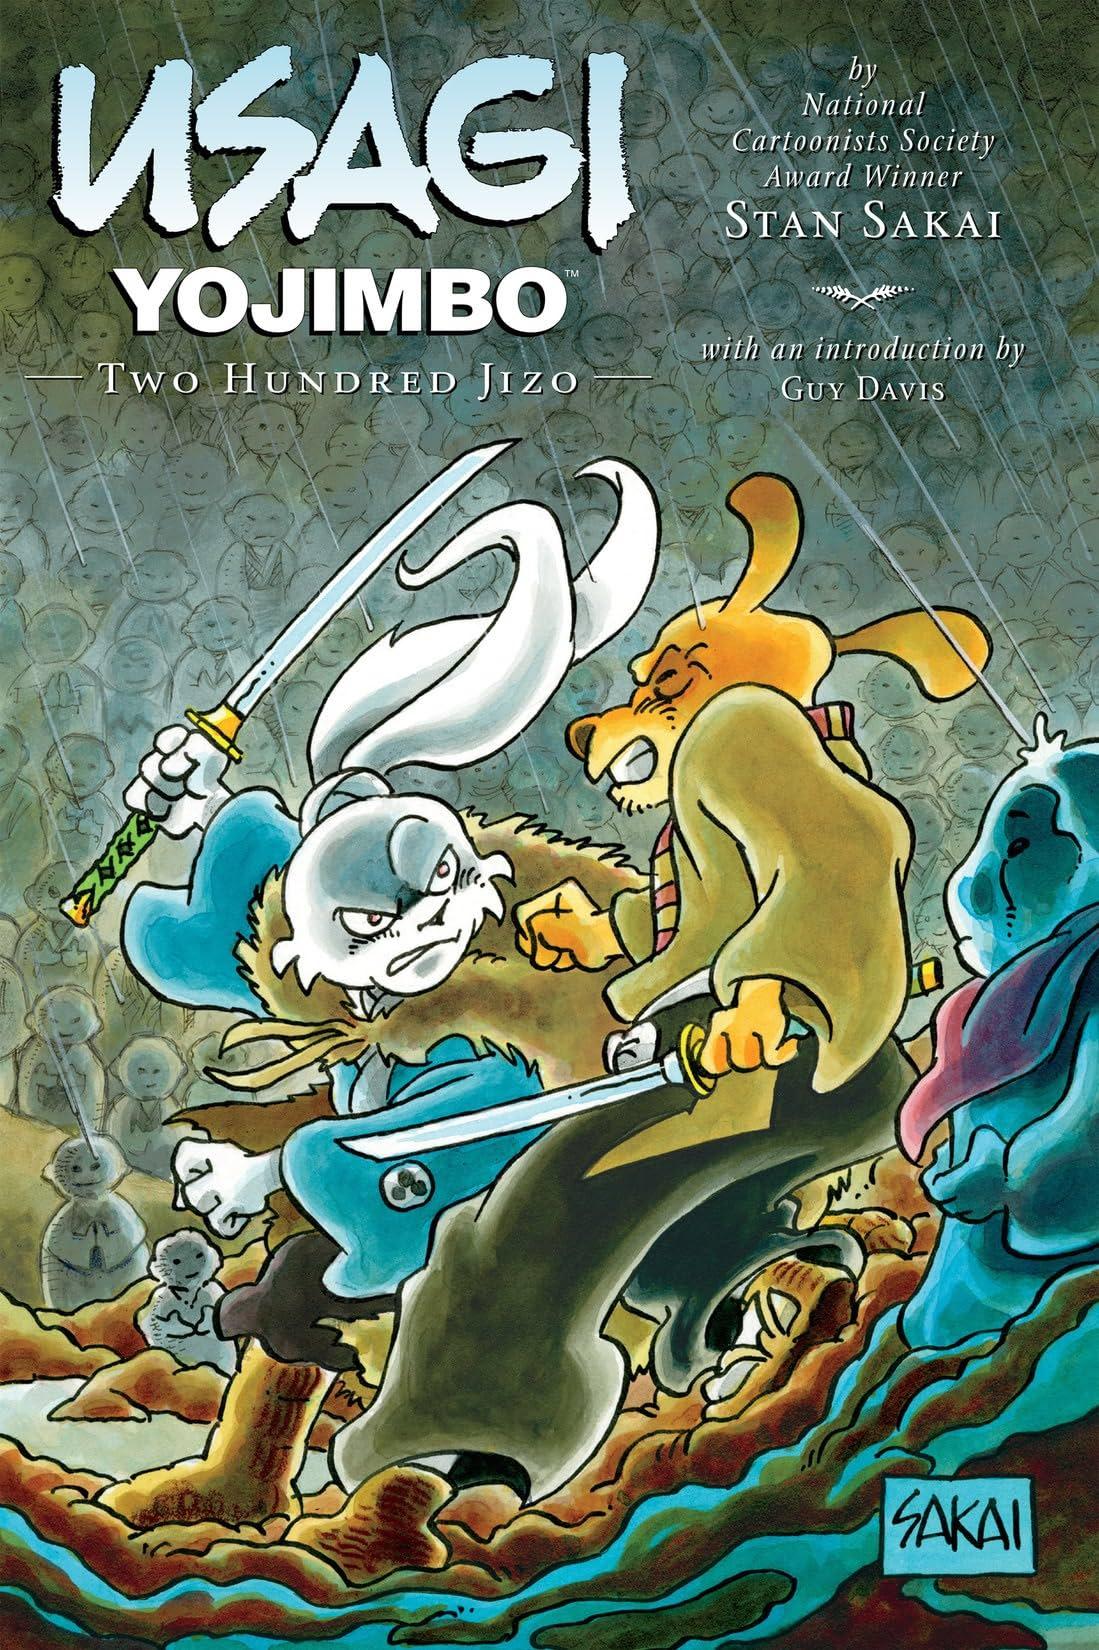 Usagi Yojimbo Vol. 29: Two Hundred Jizo